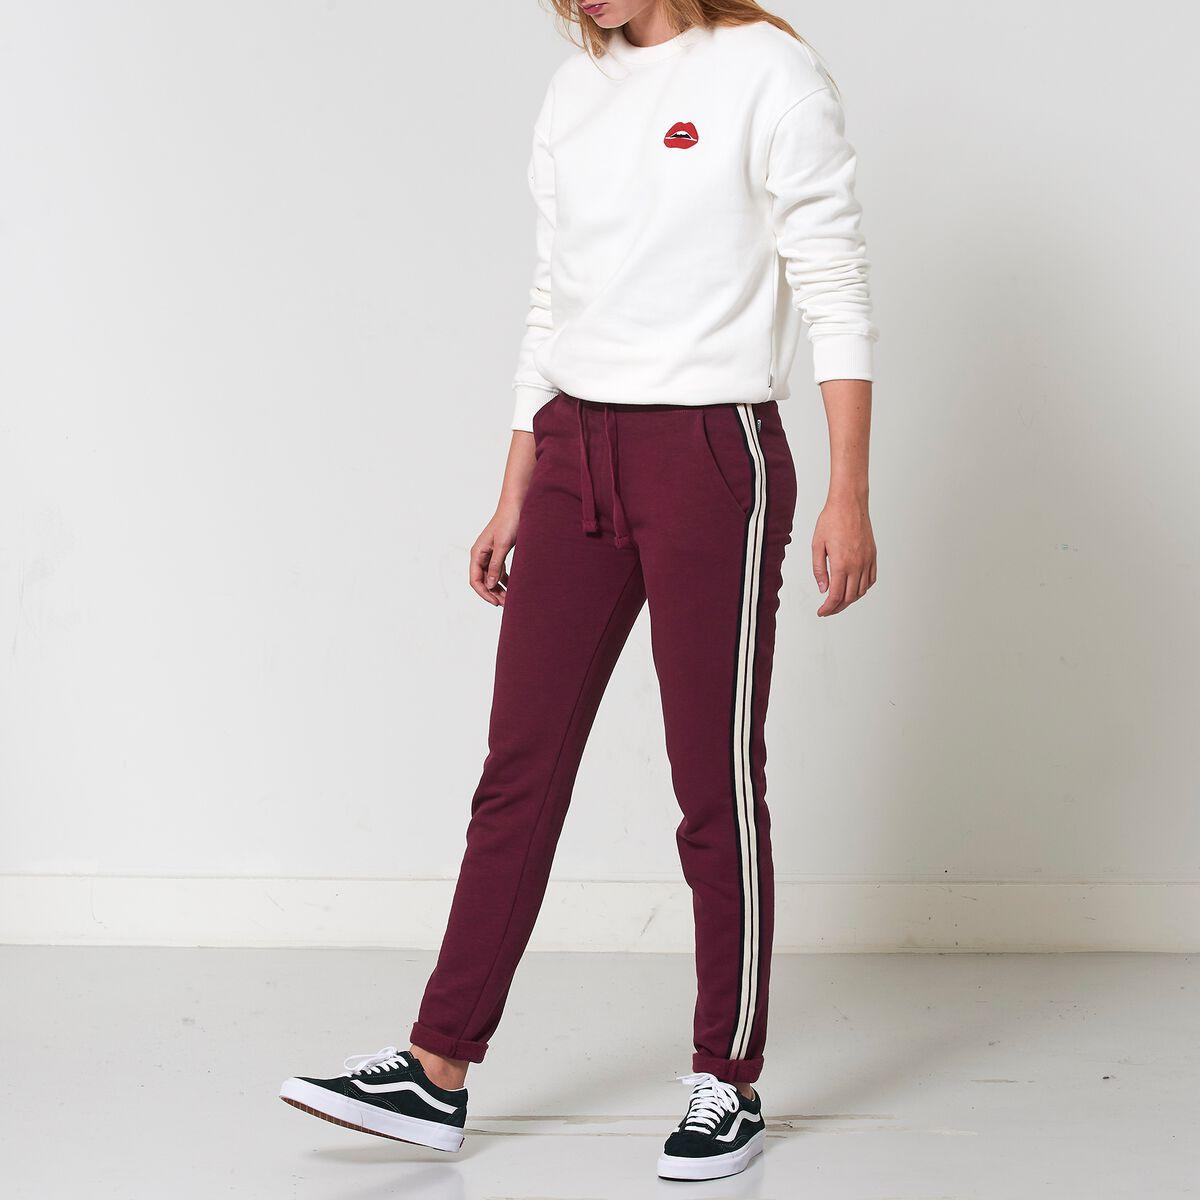 Converse Joggingbroek Dames.Dames Joggingbroek Celine Rood Kopen Online